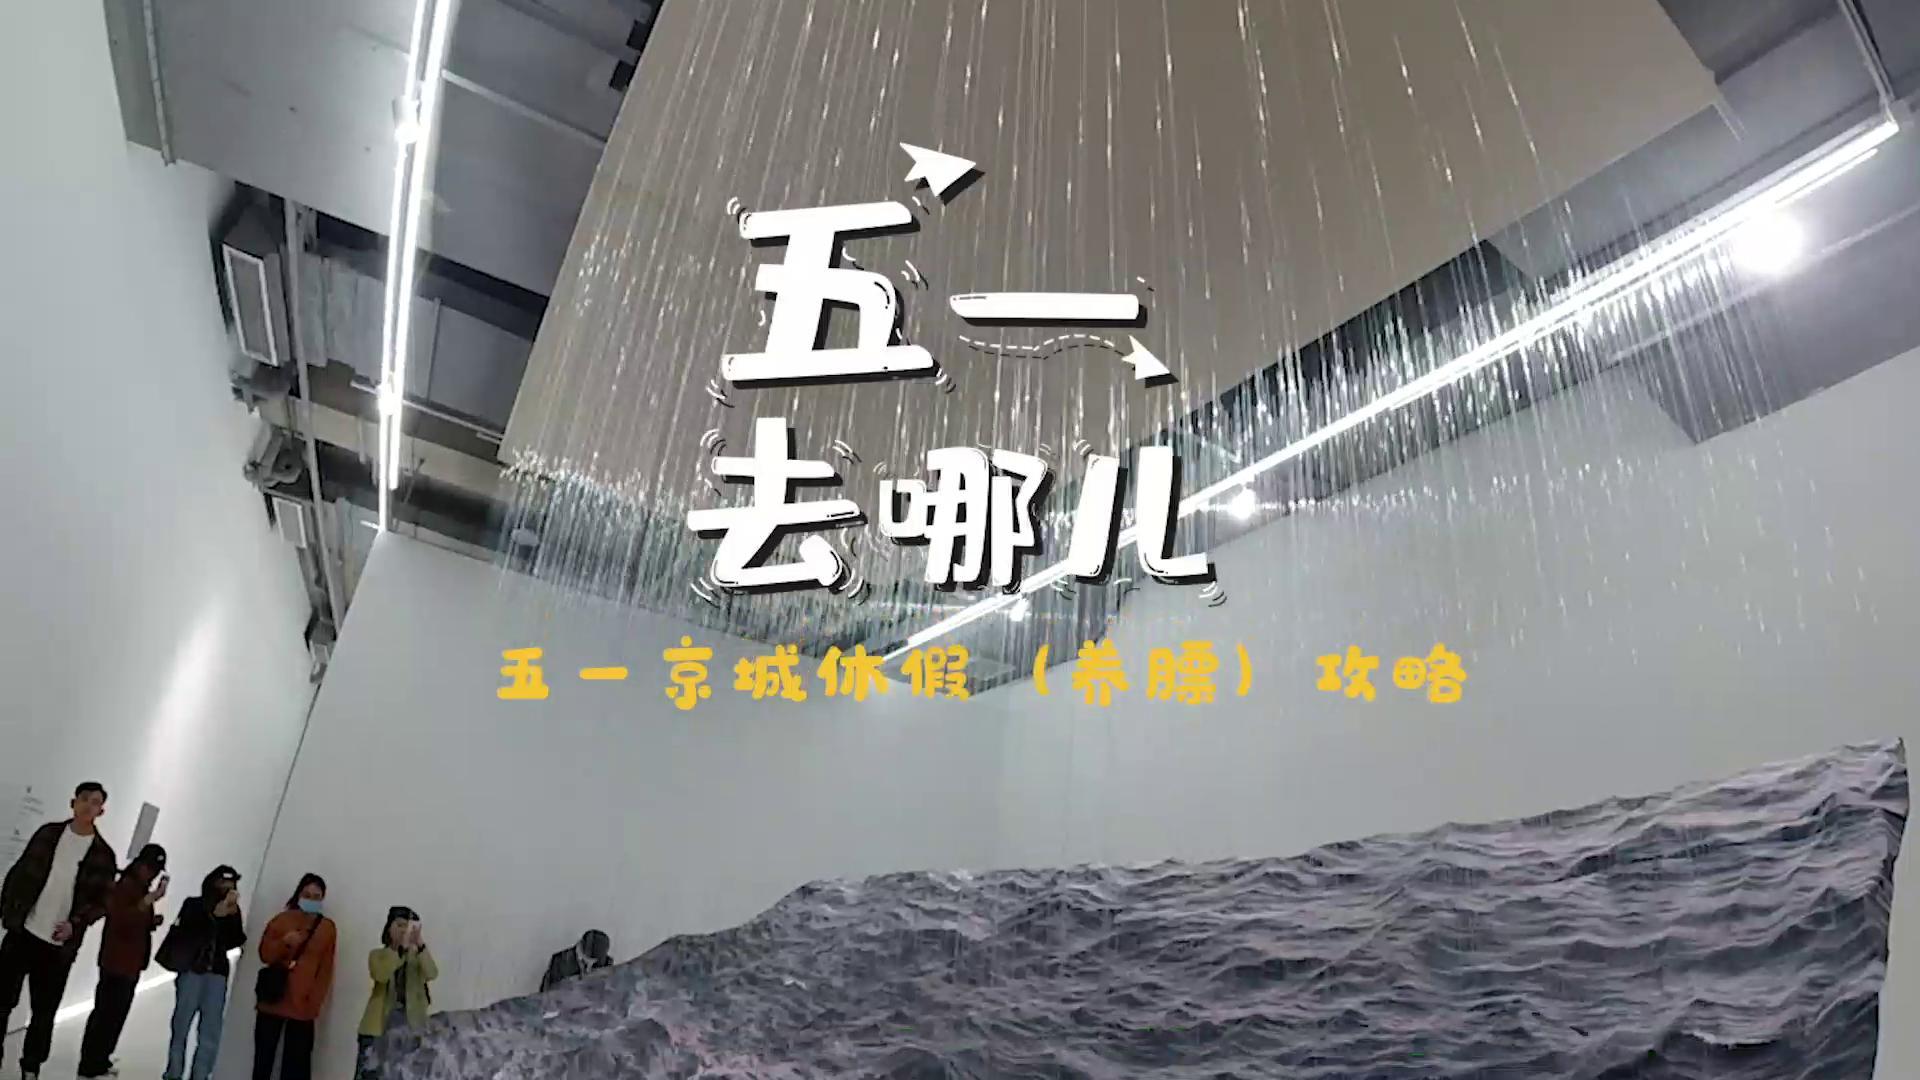 五一去哪儿(二):京城休假(养膘)攻略,吃喝玩逛一体的商场都有哪些网红店?